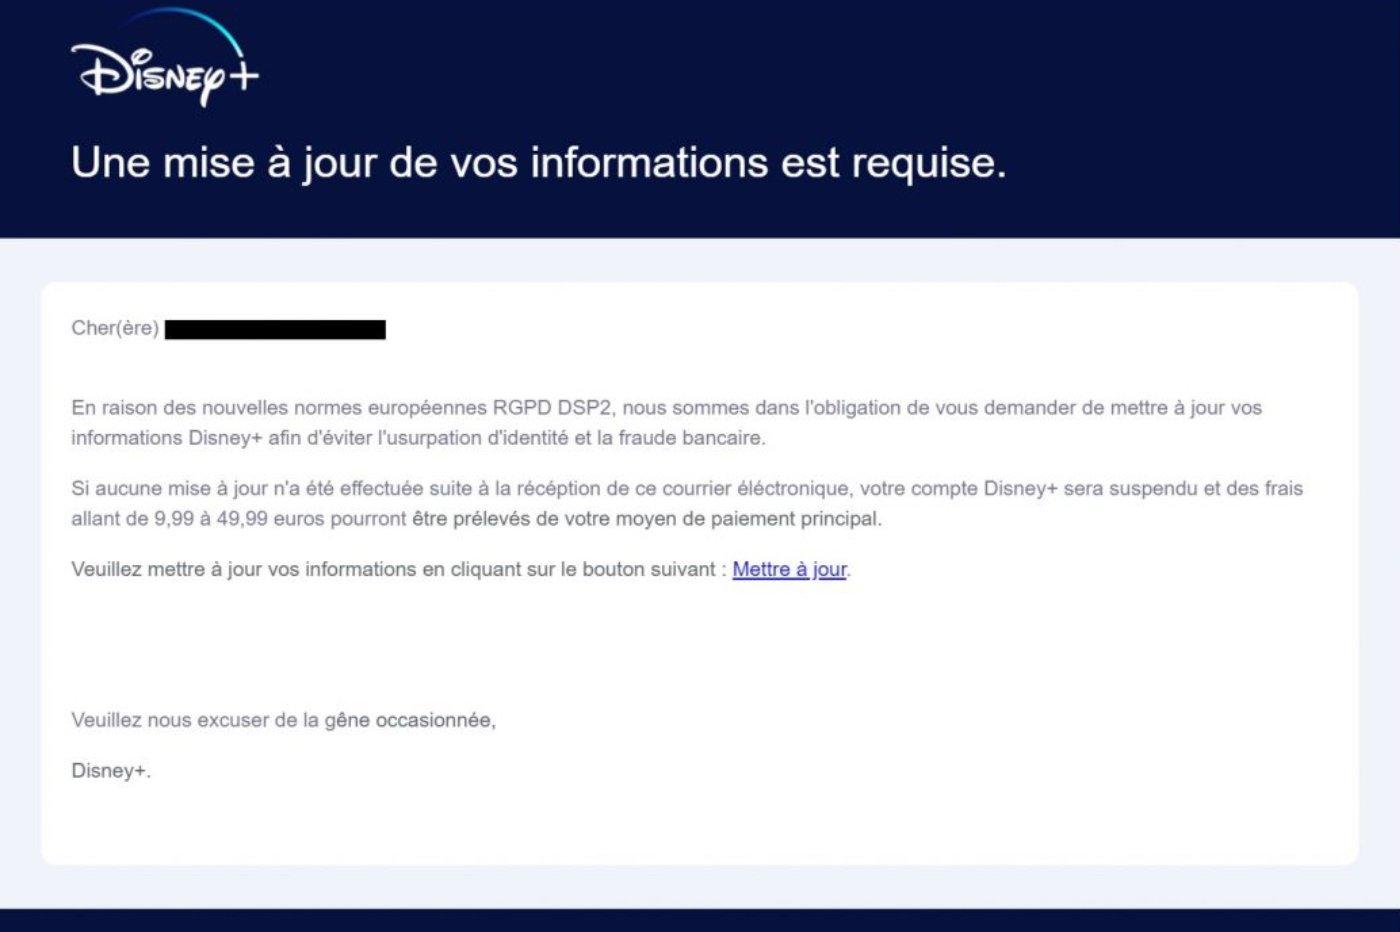 Mail frauduleux Disney+